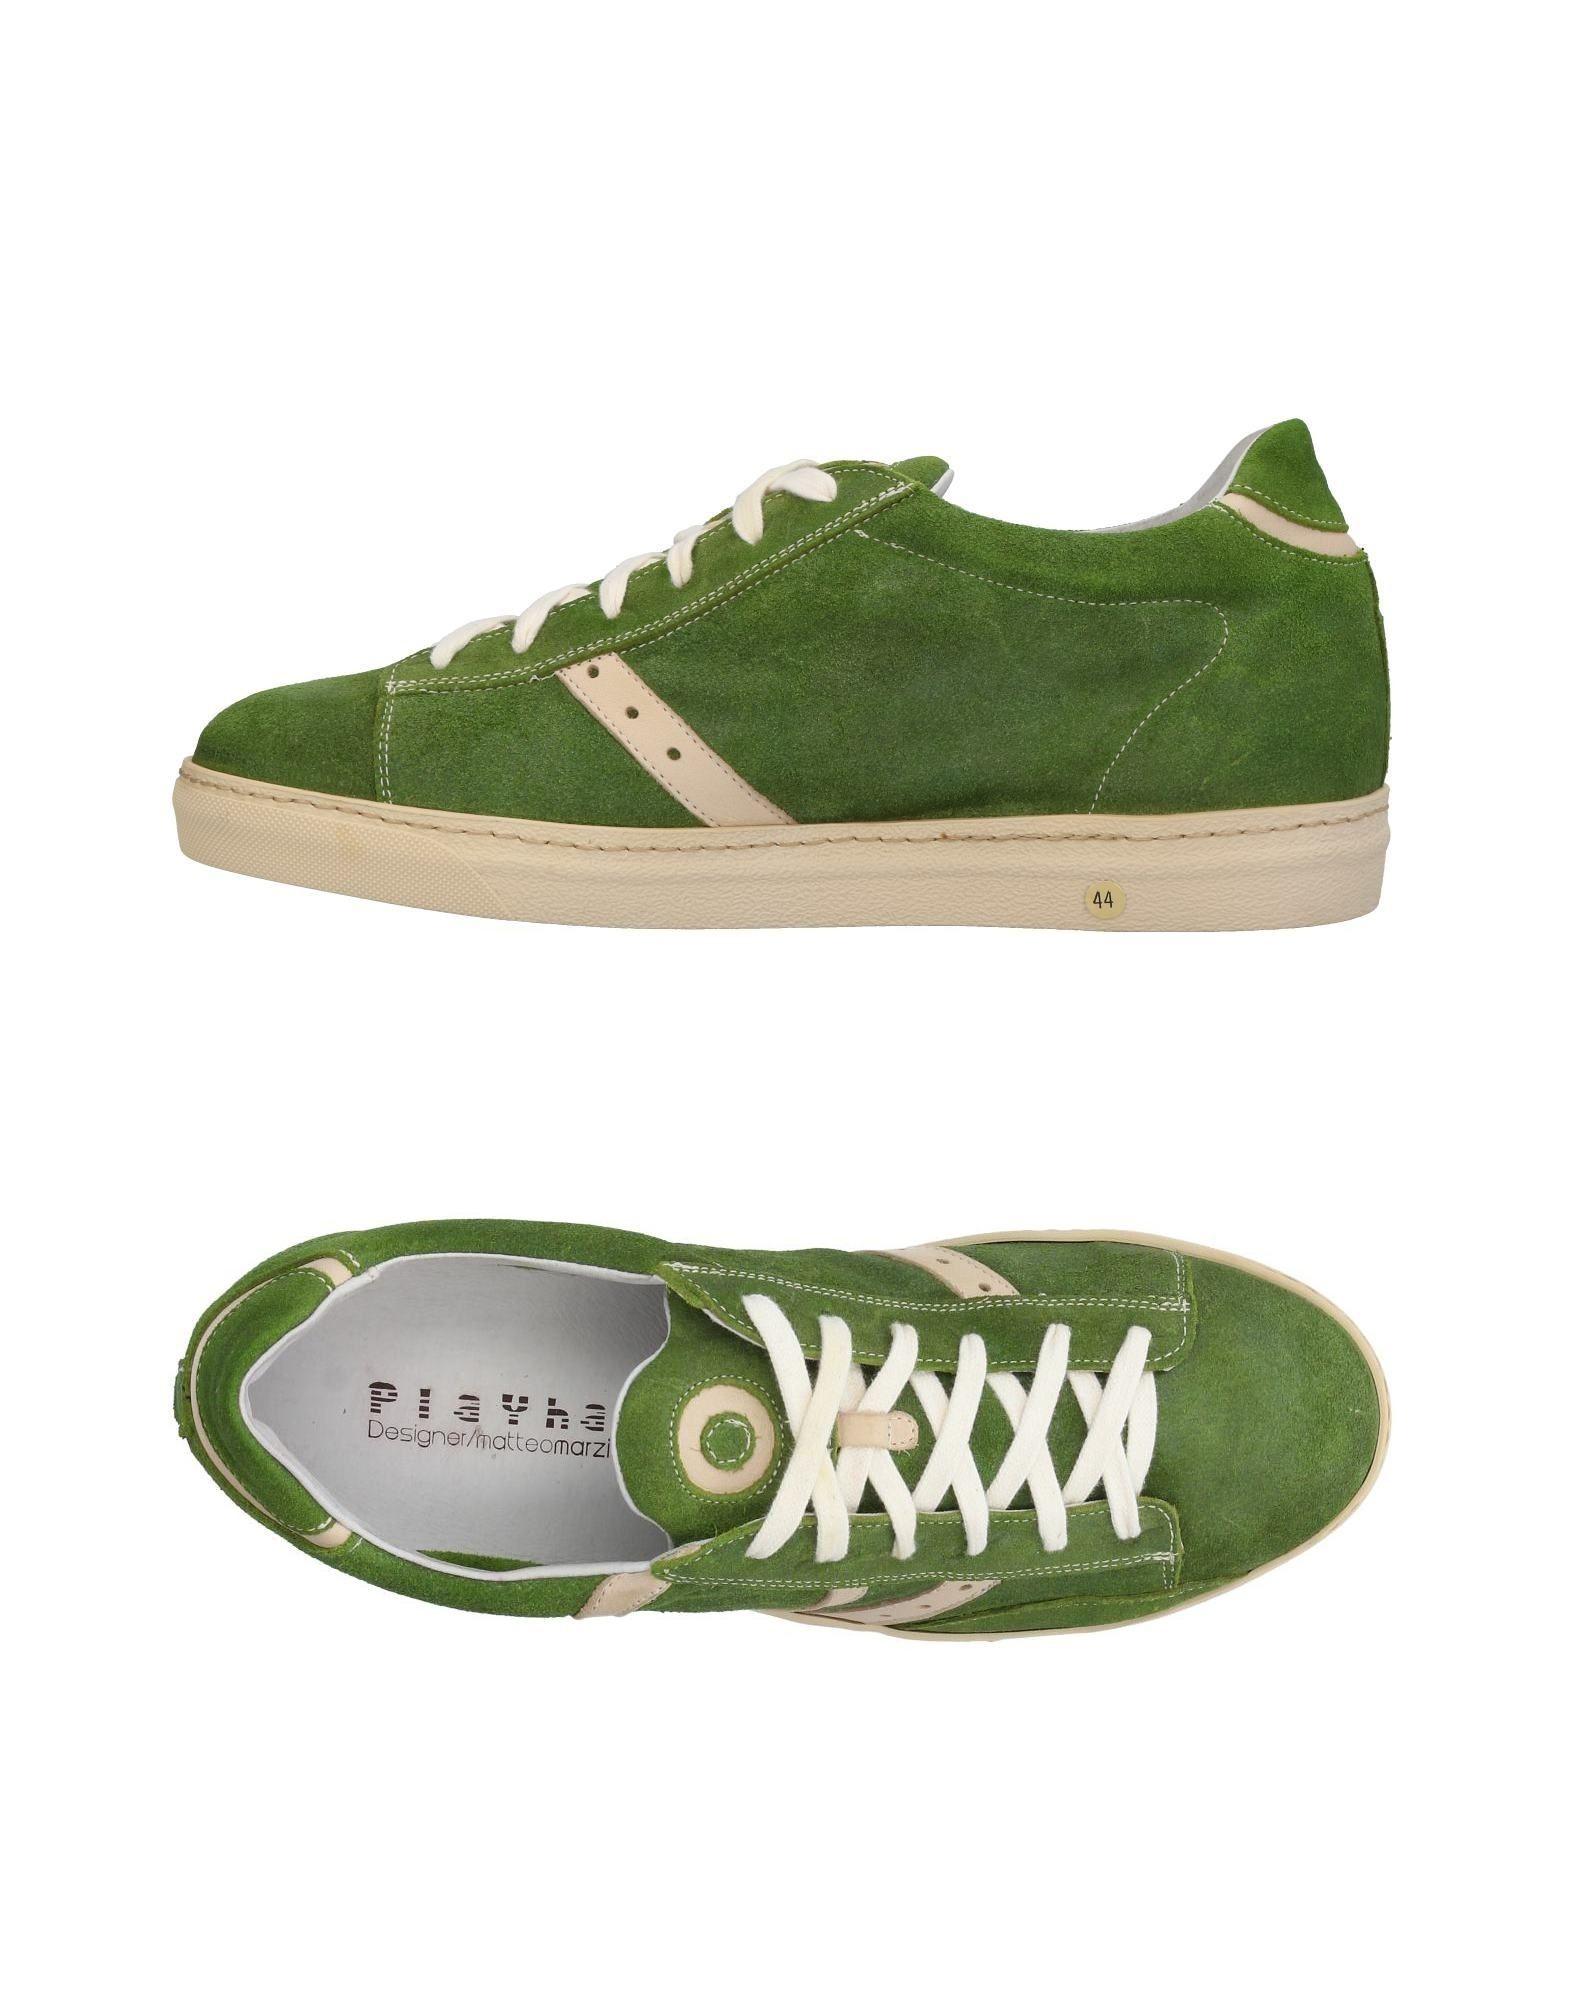 Playhat Heiße Sneakers Herren  11366592FL Heiße Playhat Schuhe a1d036